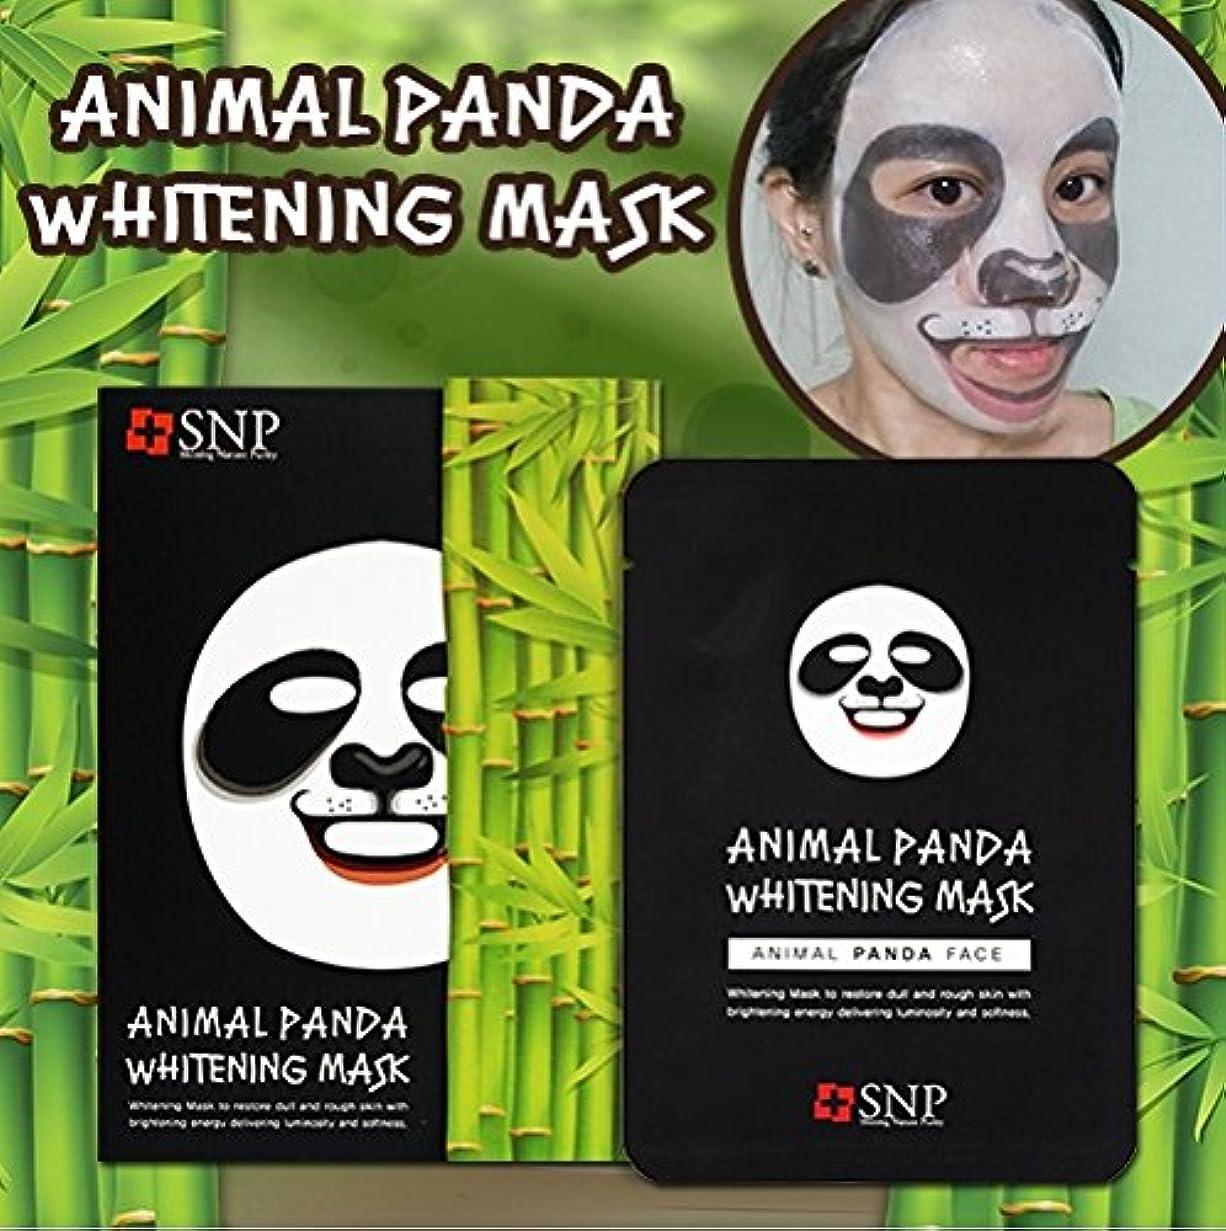 ベリラケット雪(SNP)アニマルパンダホワイトニングマスク 灰色がかった肌色の改善10本入[並行輸入品]SNP Animal Panda Whitening Face Mask Pack x10EA